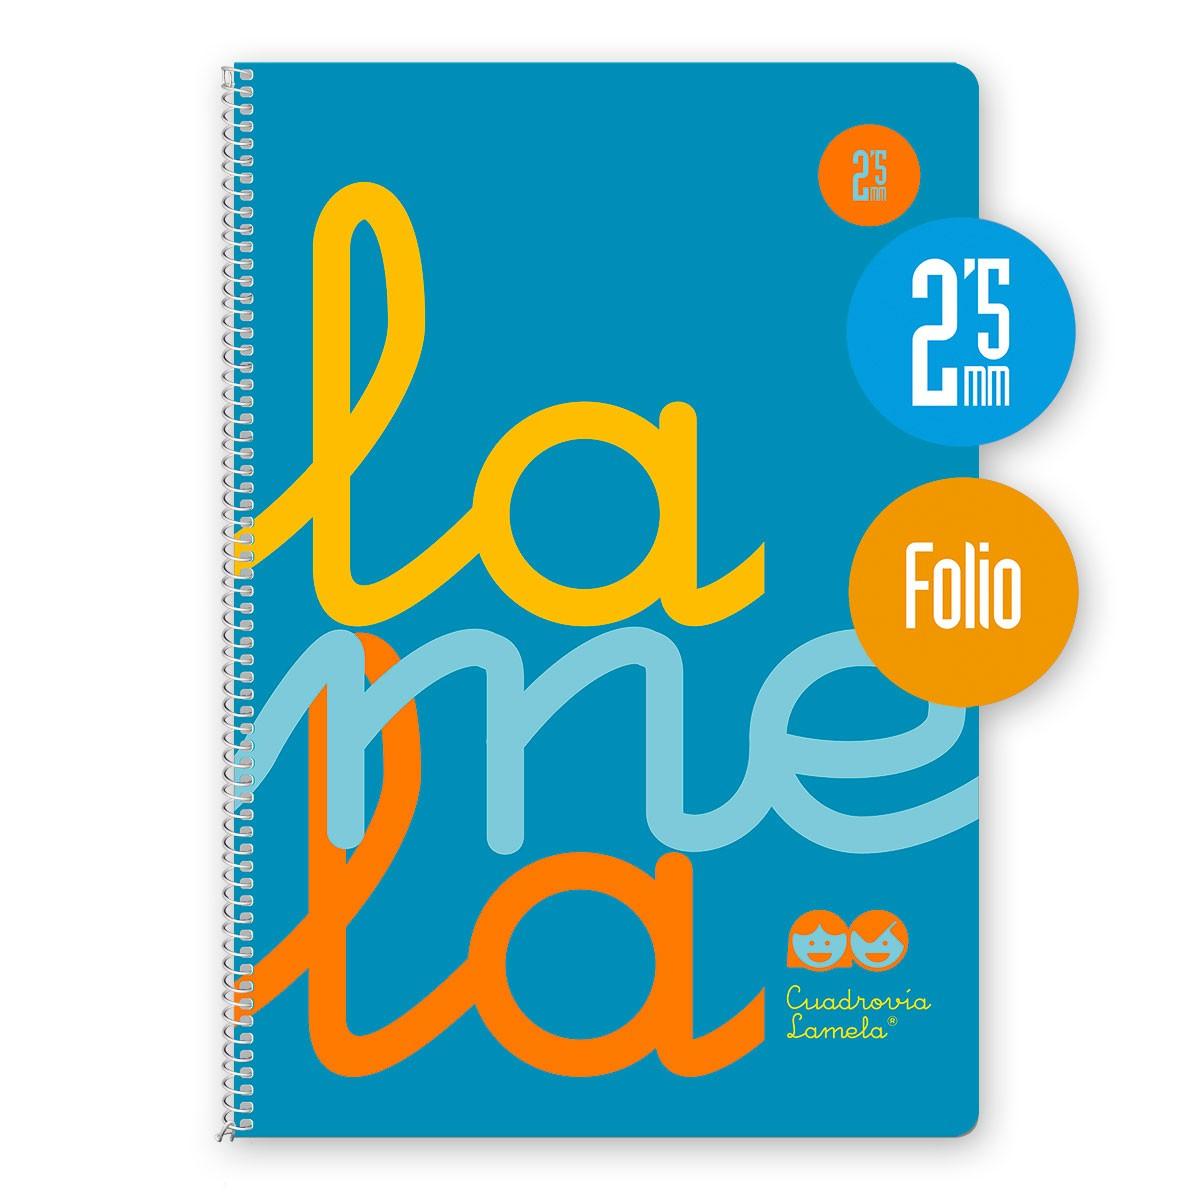 Cuaderno Espiral Folio 80 Hojas, 90 Grs. Cubierta Polipropileno Fluor. AZUL. Cuadrovía 2,5mm.